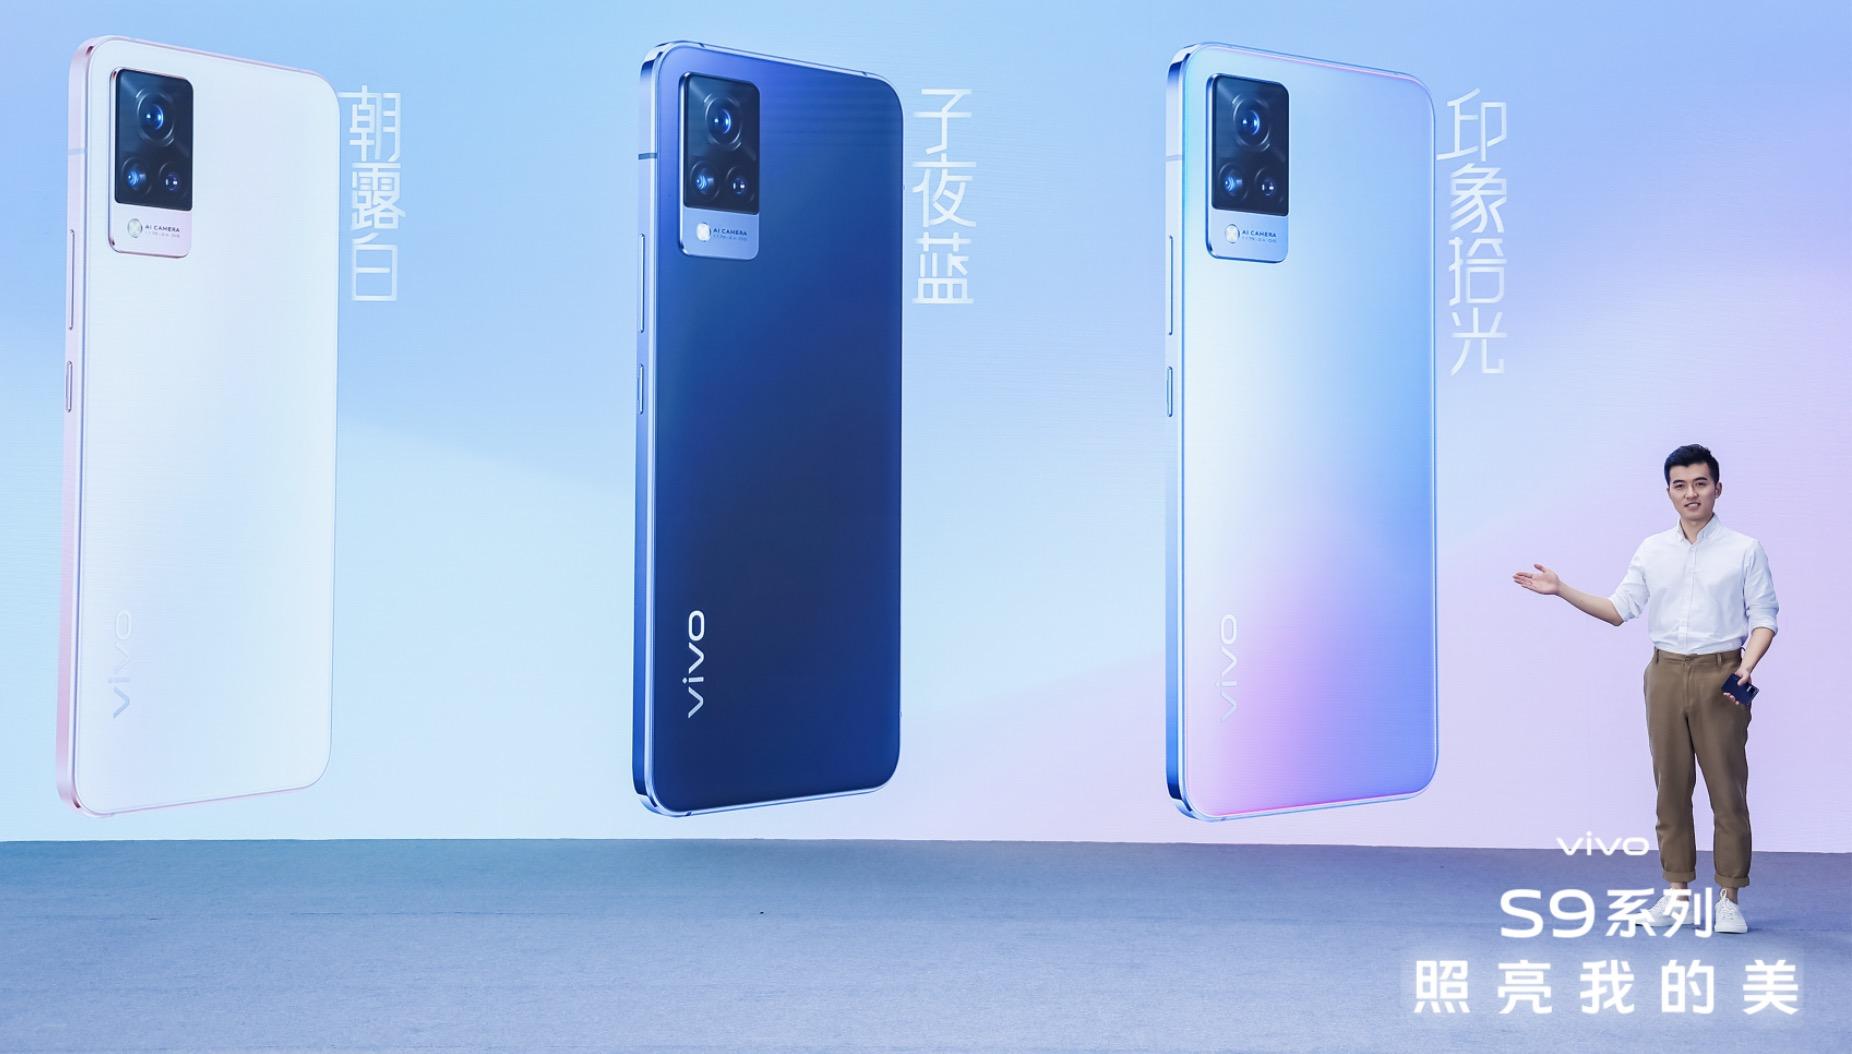 vivo S9朝露白、子夜蓝、印象拾光 三种配色